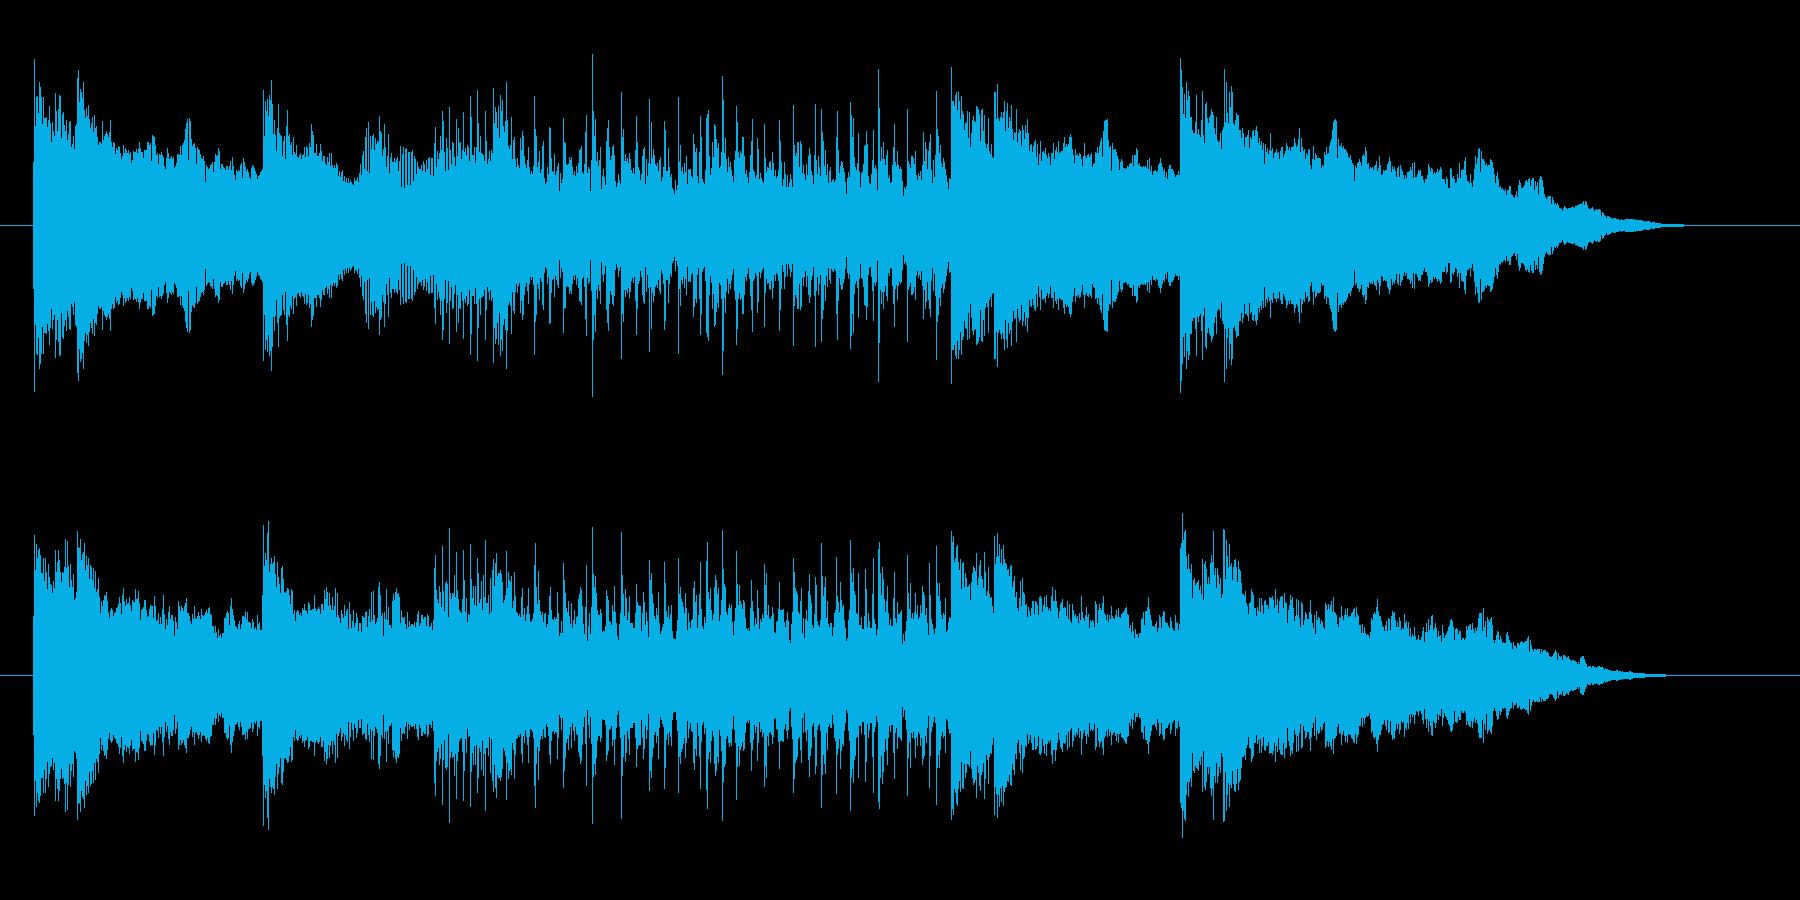 激しいメタルミュージックのサウンドロゴの再生済みの波形